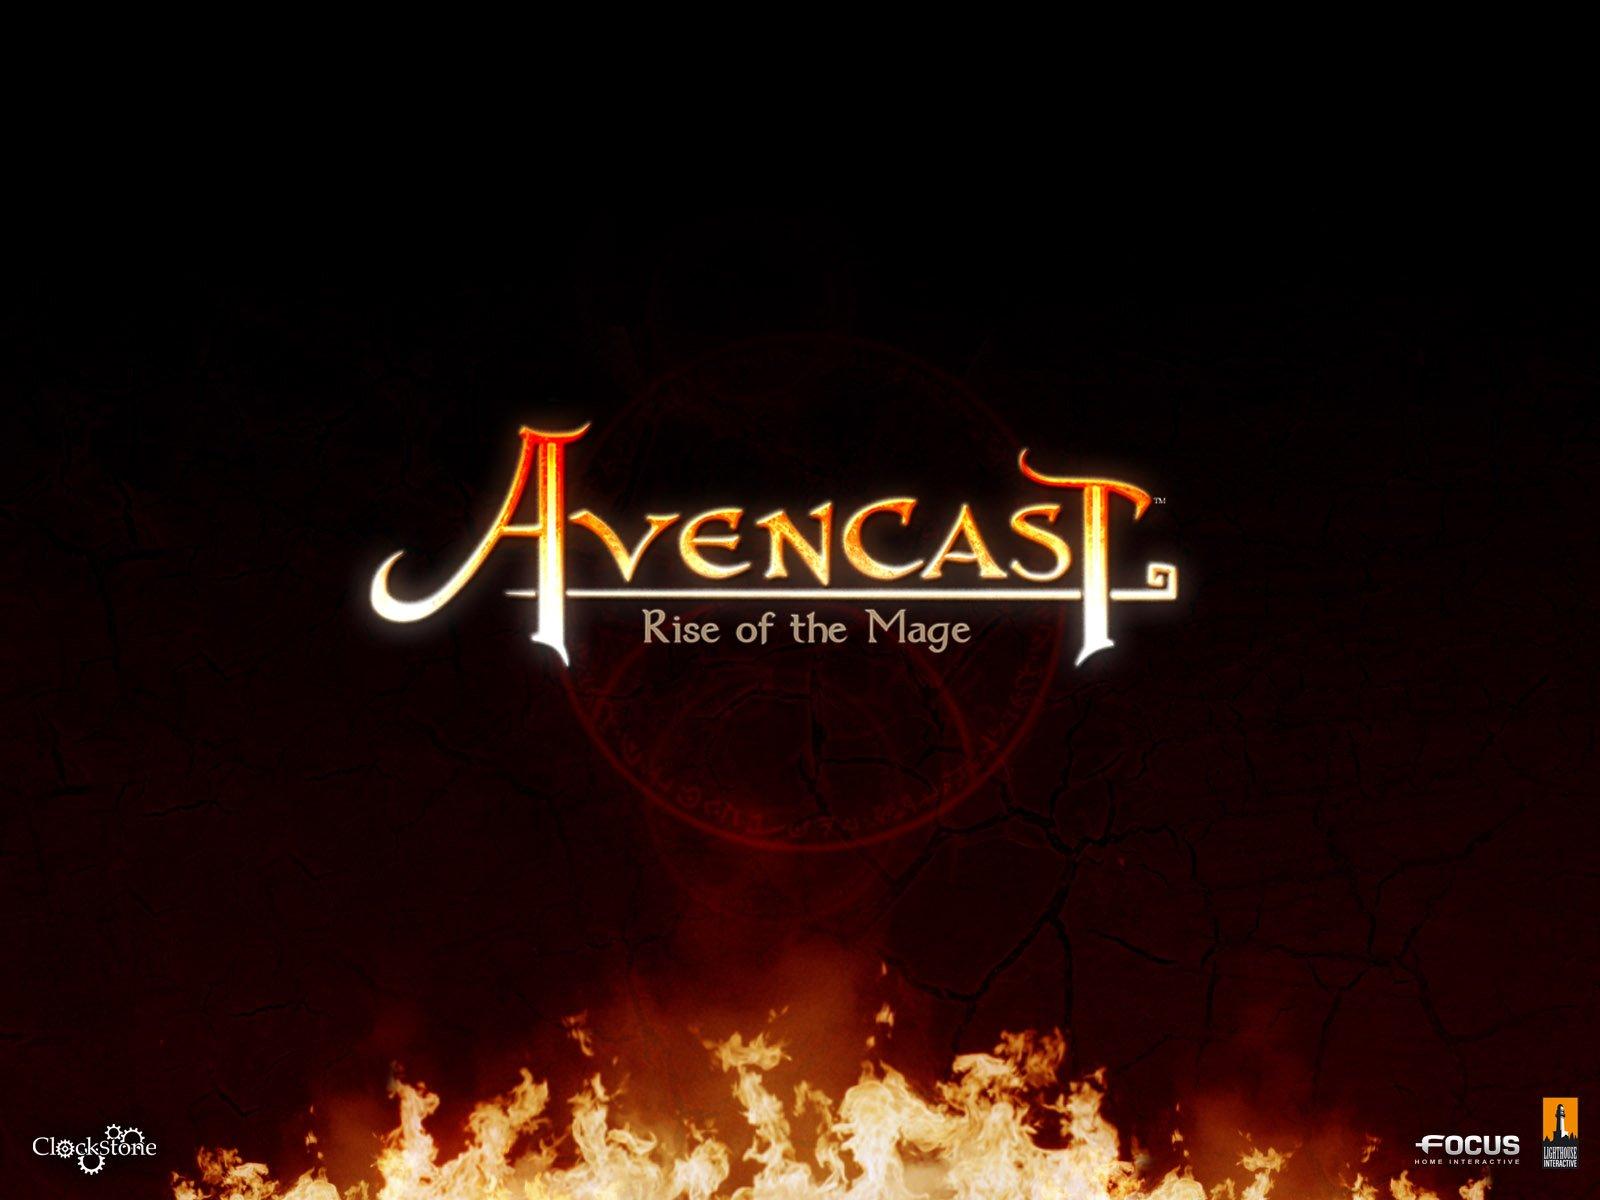 Получаем ключ для игры Avencast бесплатно в Steam - Изображение 1